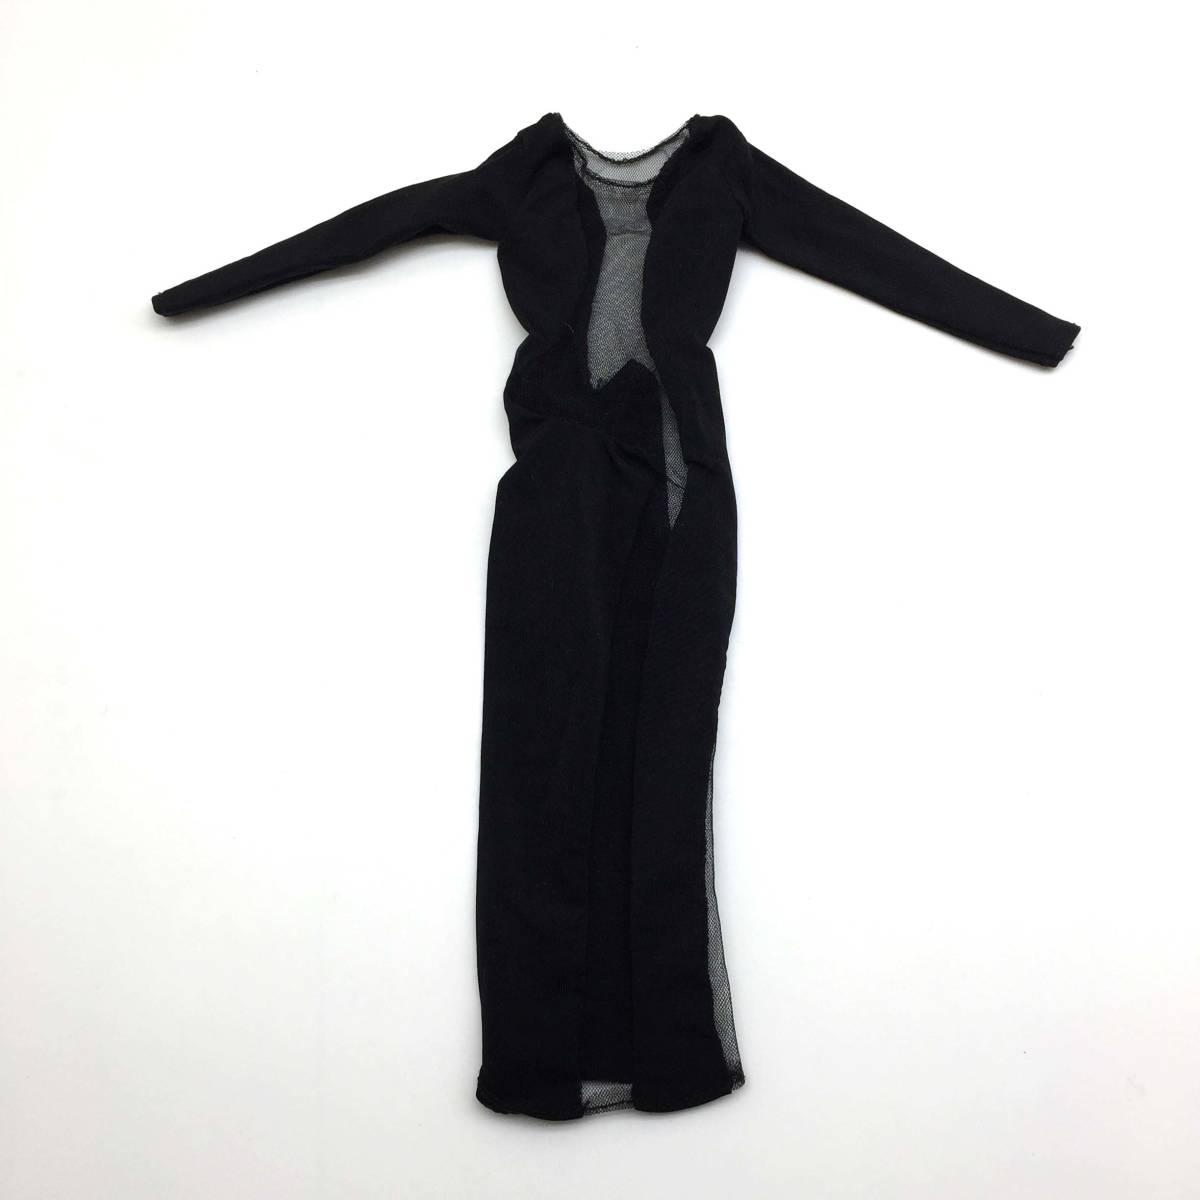 送料無料 美品 1/6サイズ PHICEN ファイセン素体対応 女性フィギュア用 ドレス 番号A58_画像9